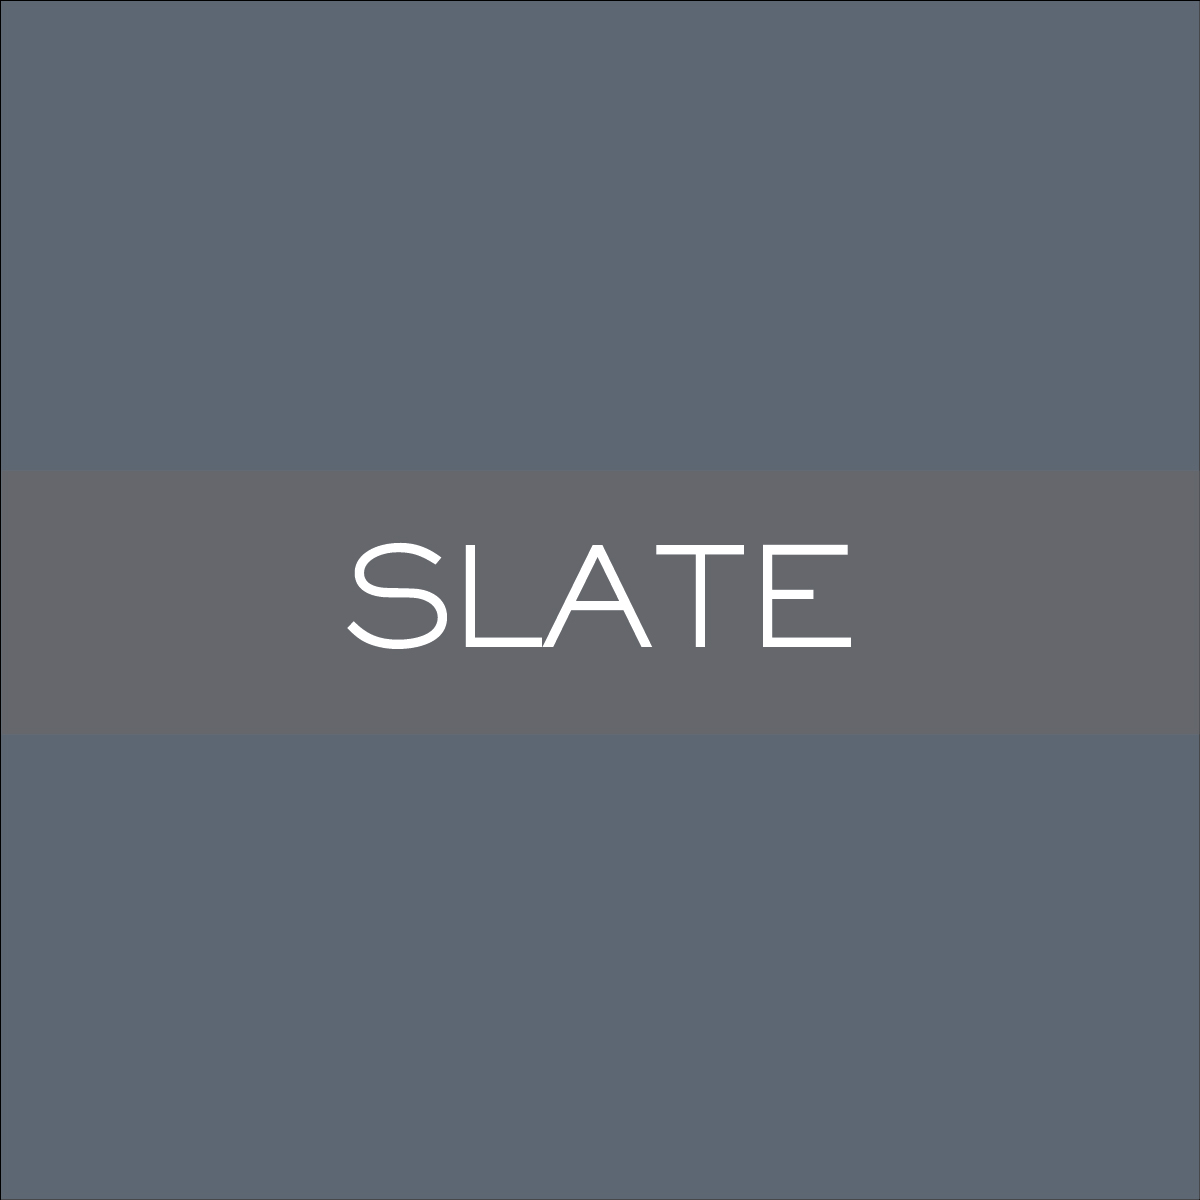 INK_Slate.jpg